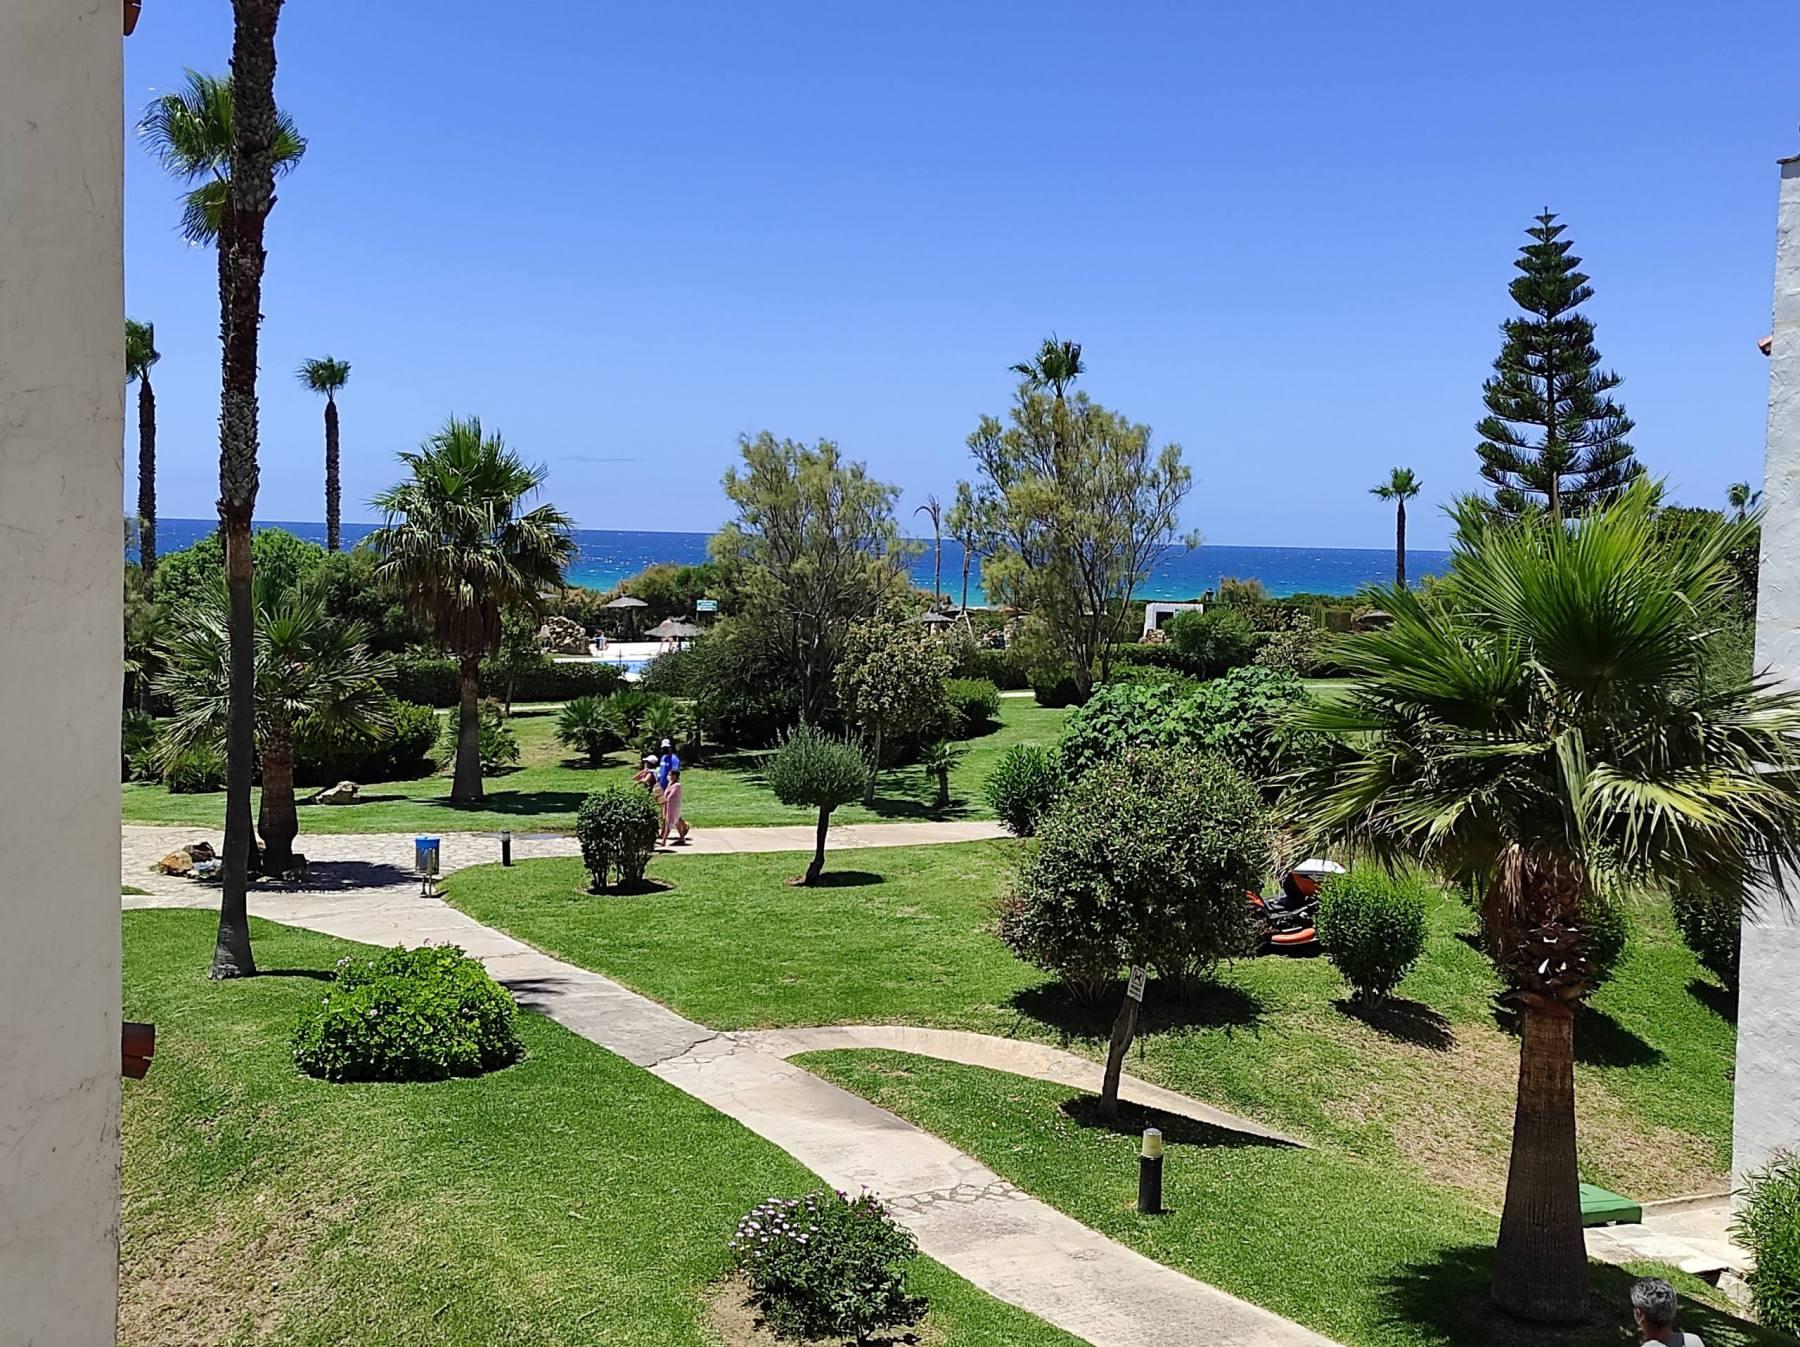 Alquiler de Apartamentos en Atlanterra Costa con vistas al mar